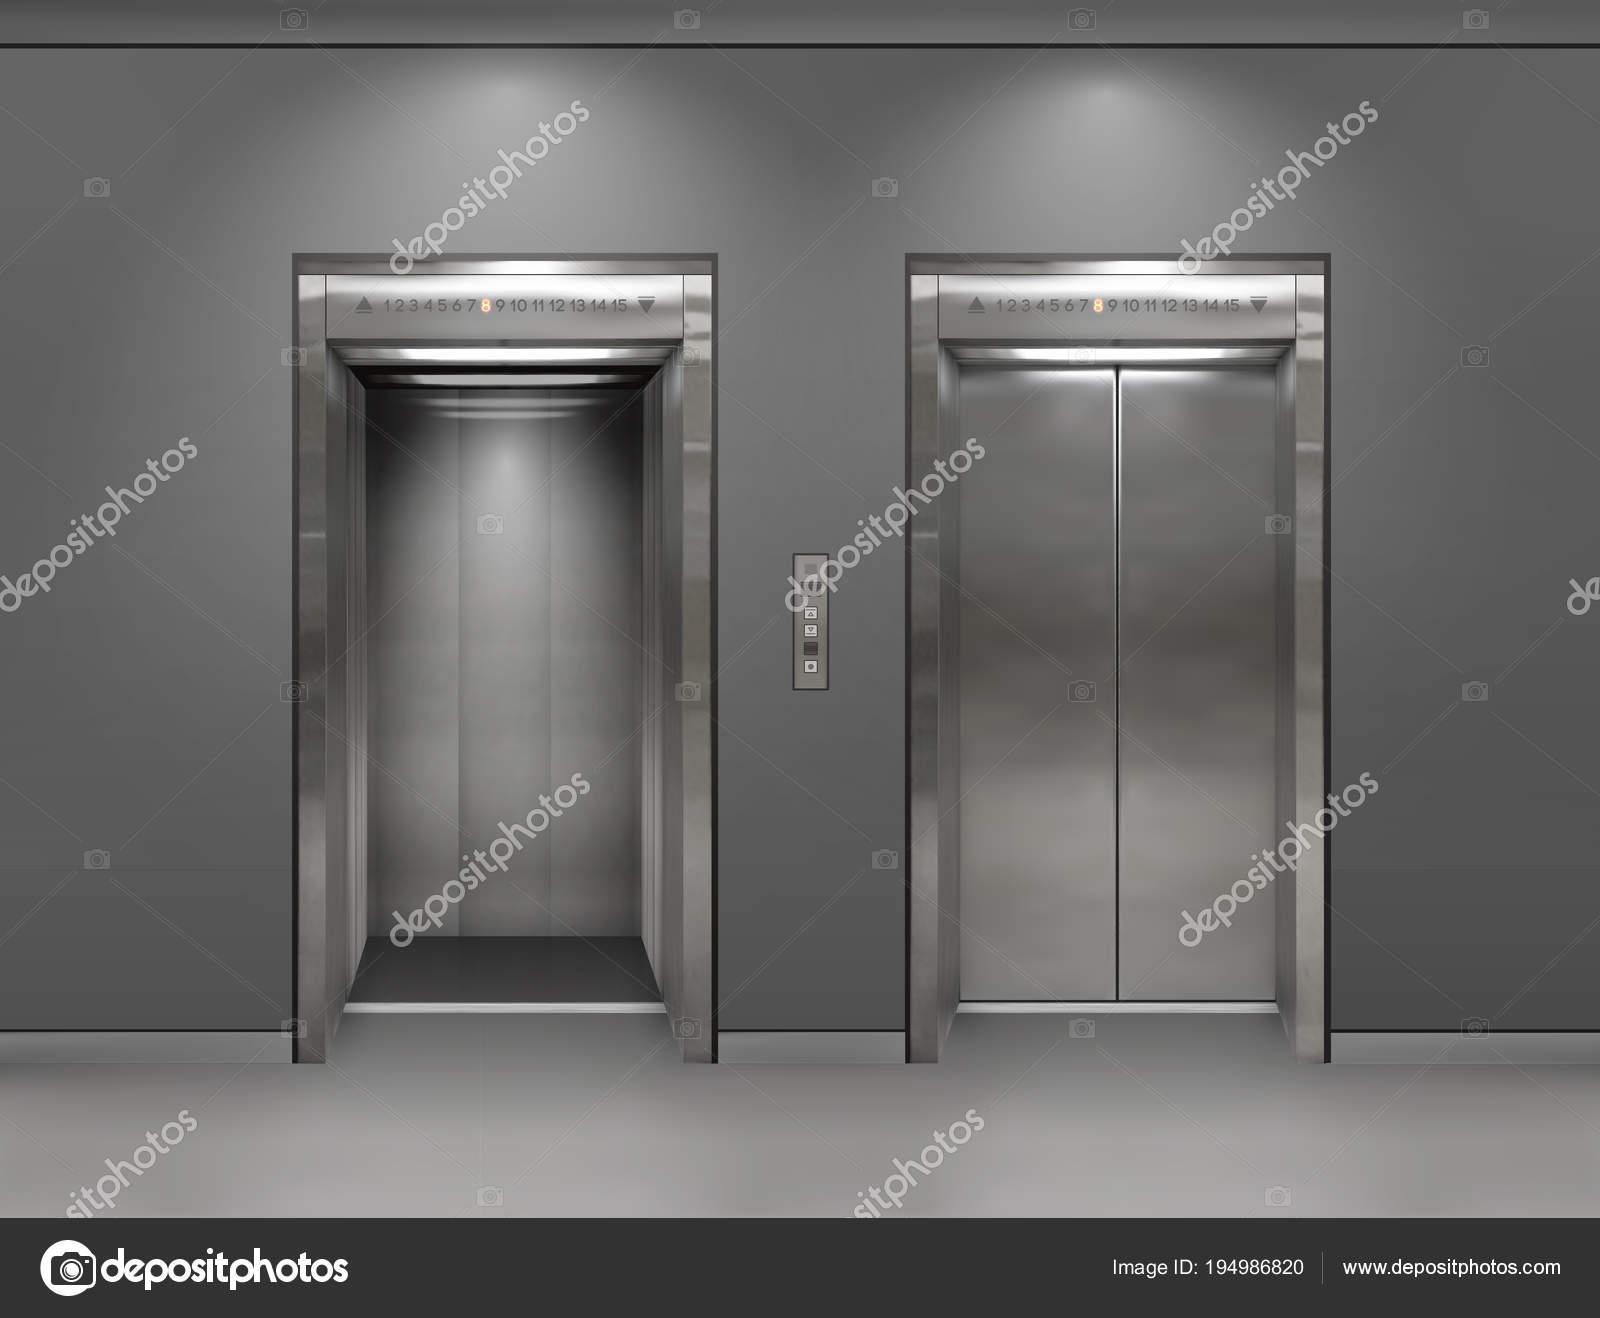 хром металлический офисное здание лифт двери открытые и